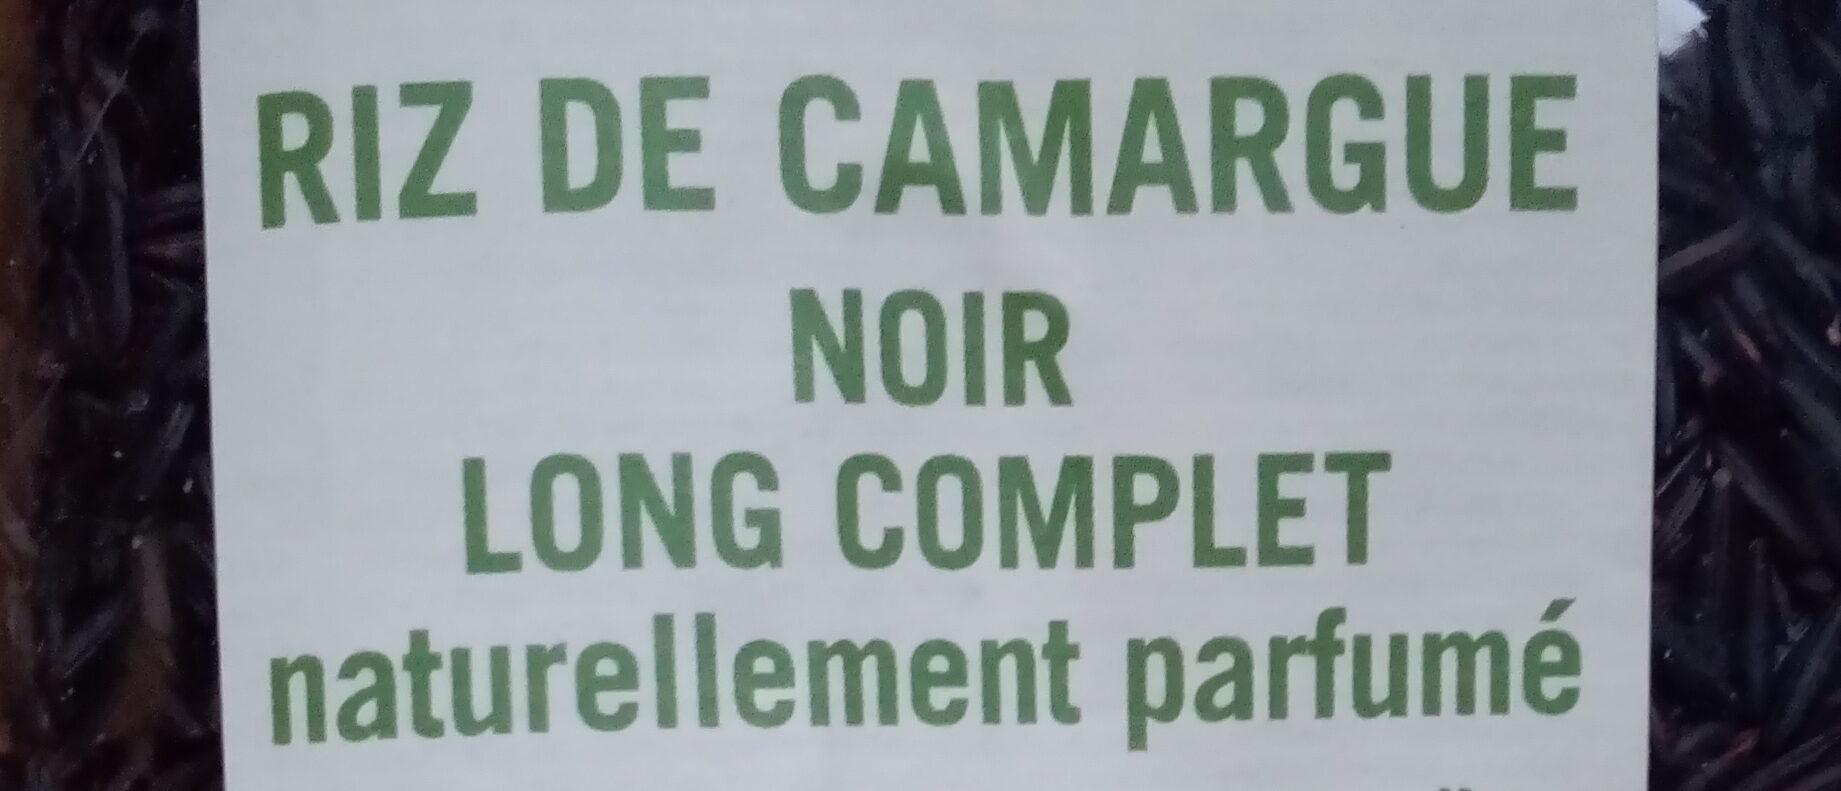 Riz de Camargue Long Noir Complet - Ingrédients - fr